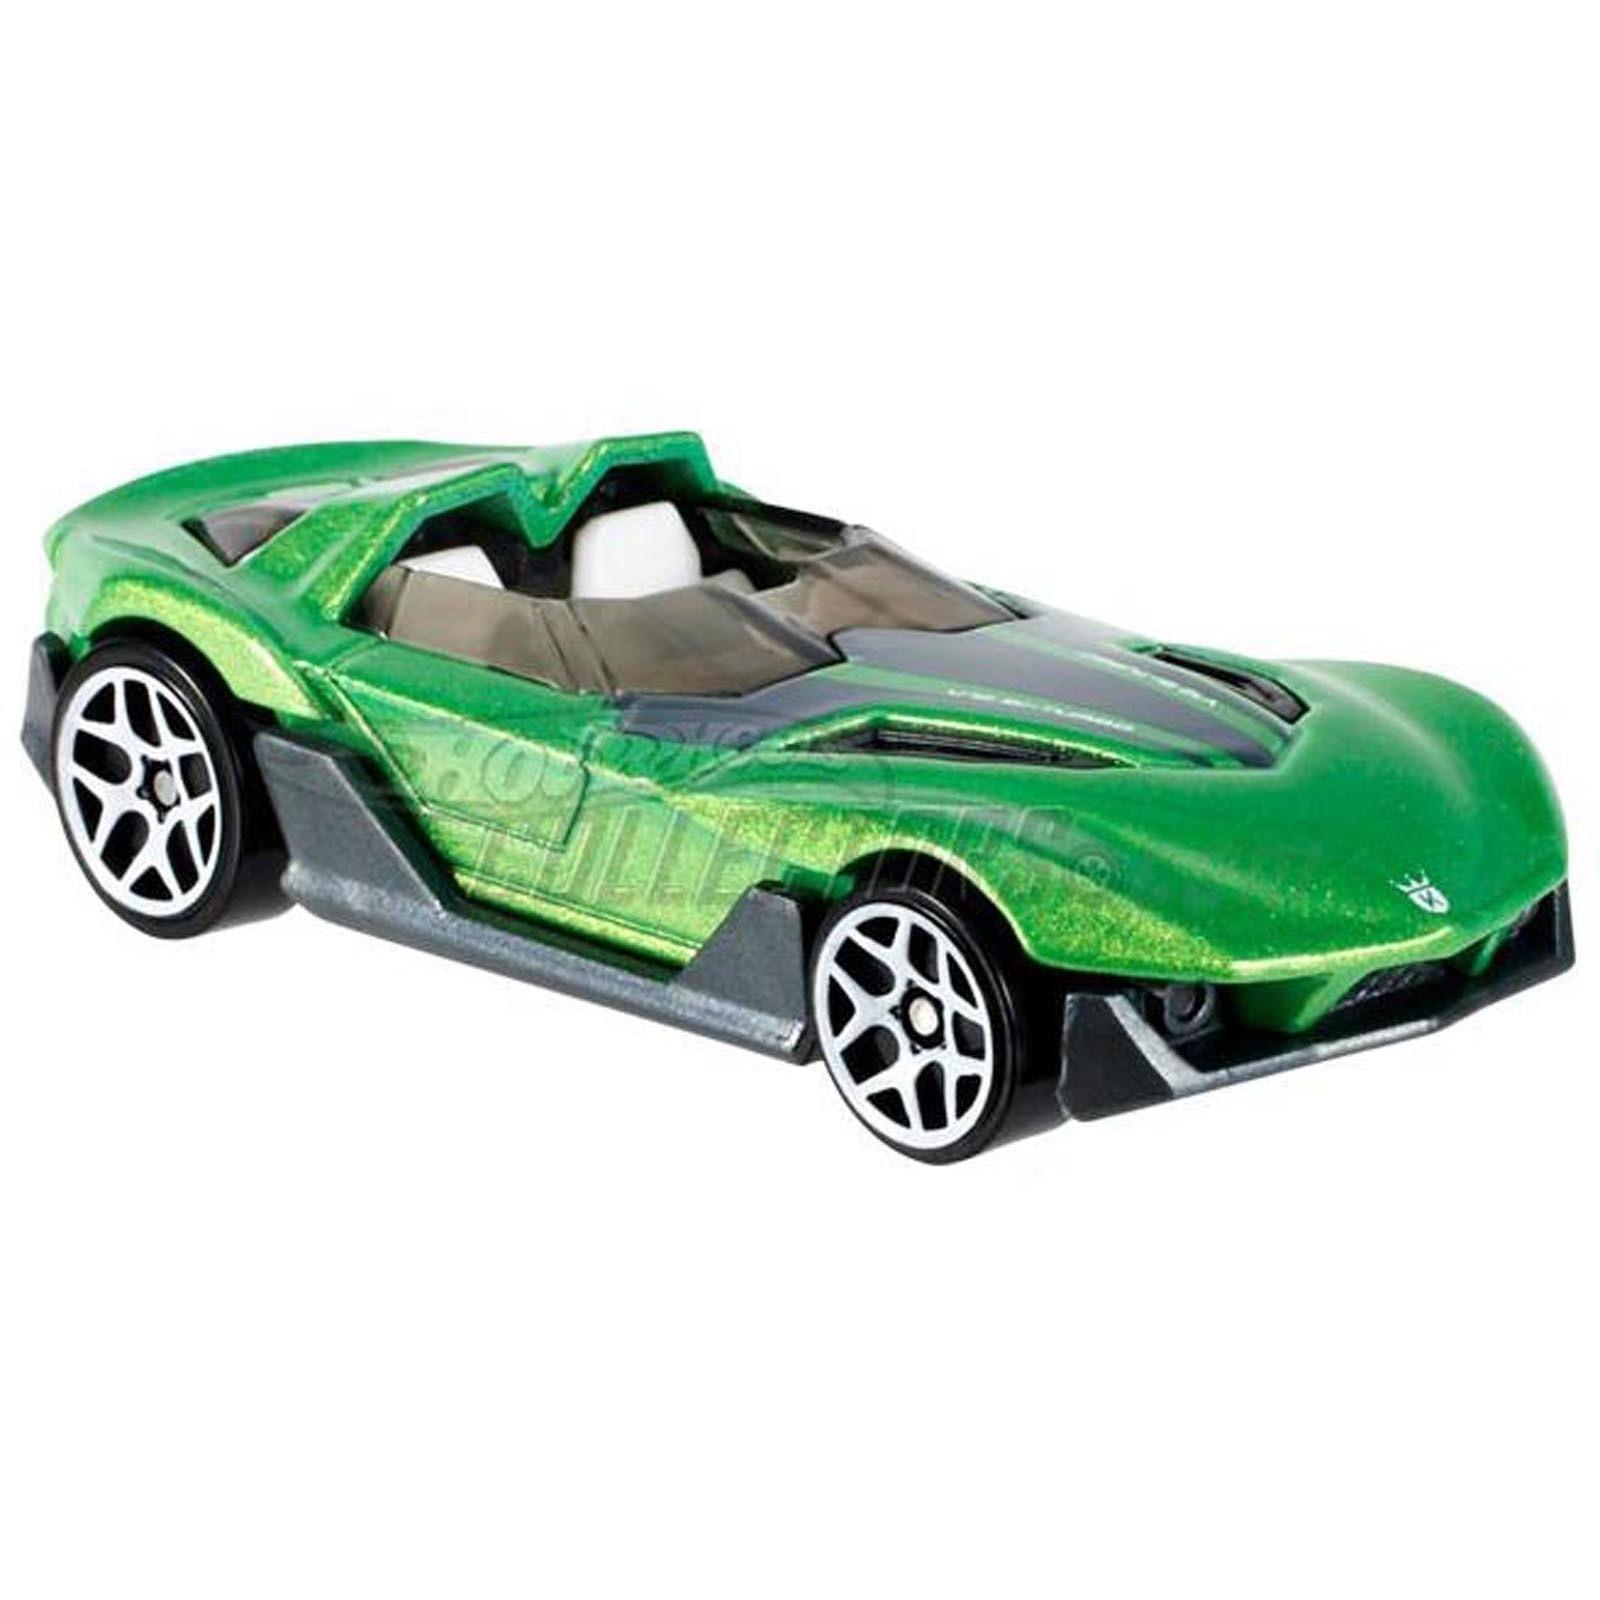 Hot Wheels - Yur So Fast - R0932